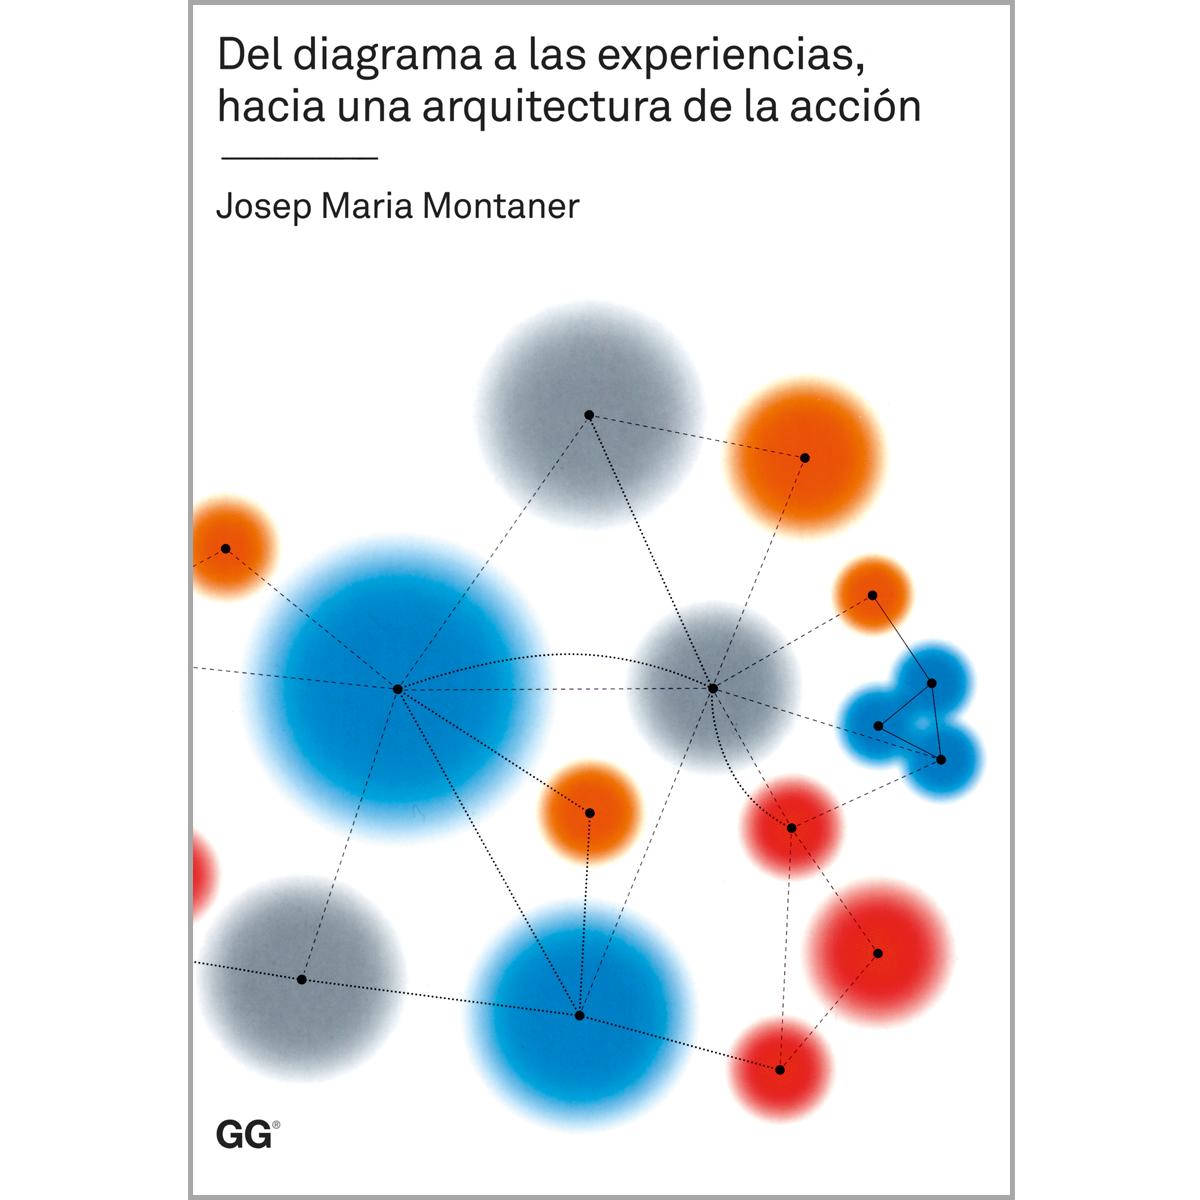 Del diagrama a las experiencias, hacia una arquitectura de la acción